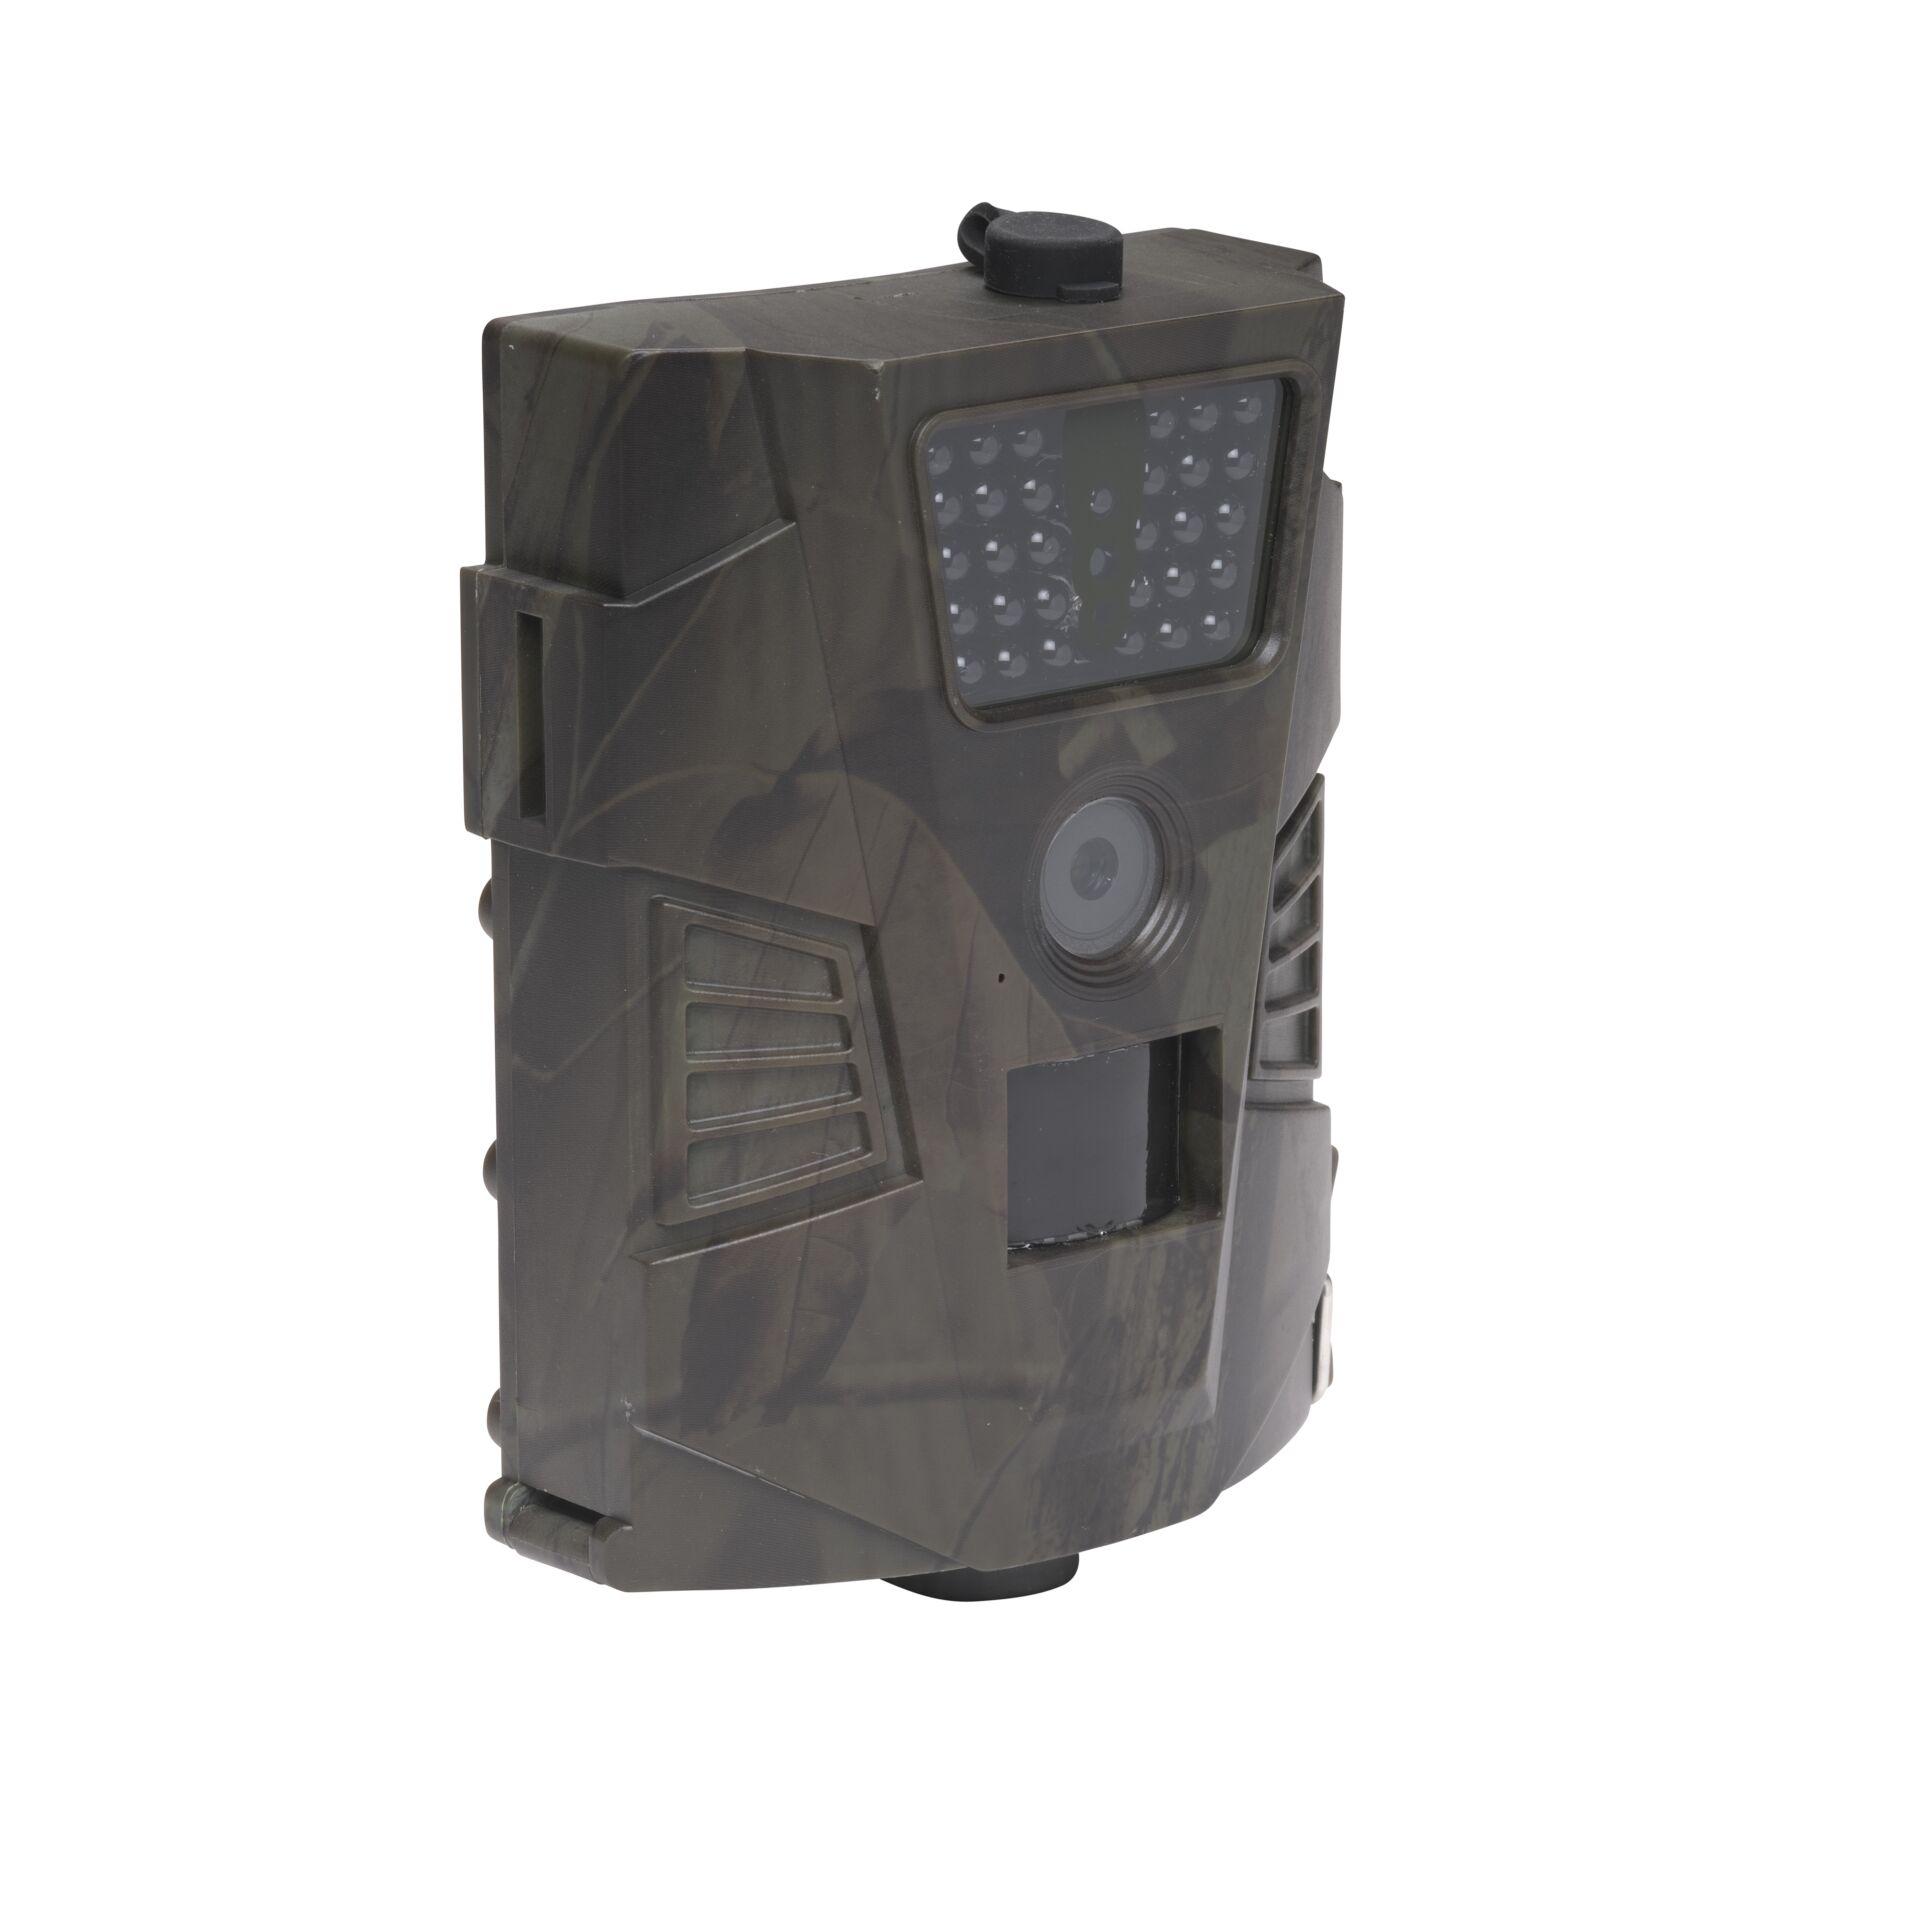 Denver WCT-5001 Wildkamera